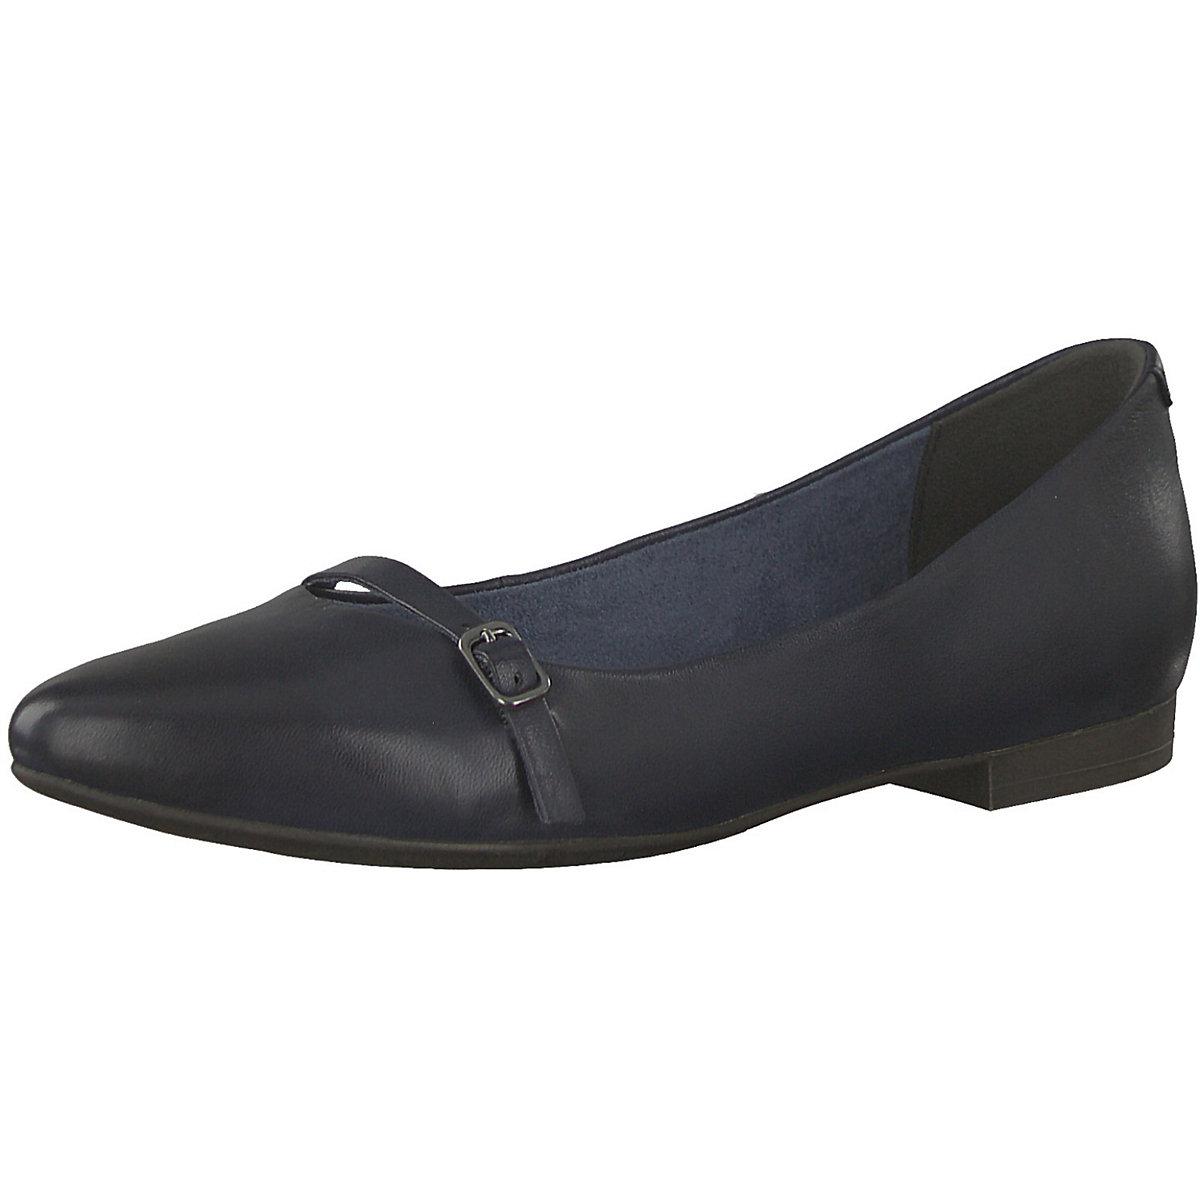 Tamaris, Klassische Ballerinas, dunkelblau  Gute Qualität beliebte Schuhe